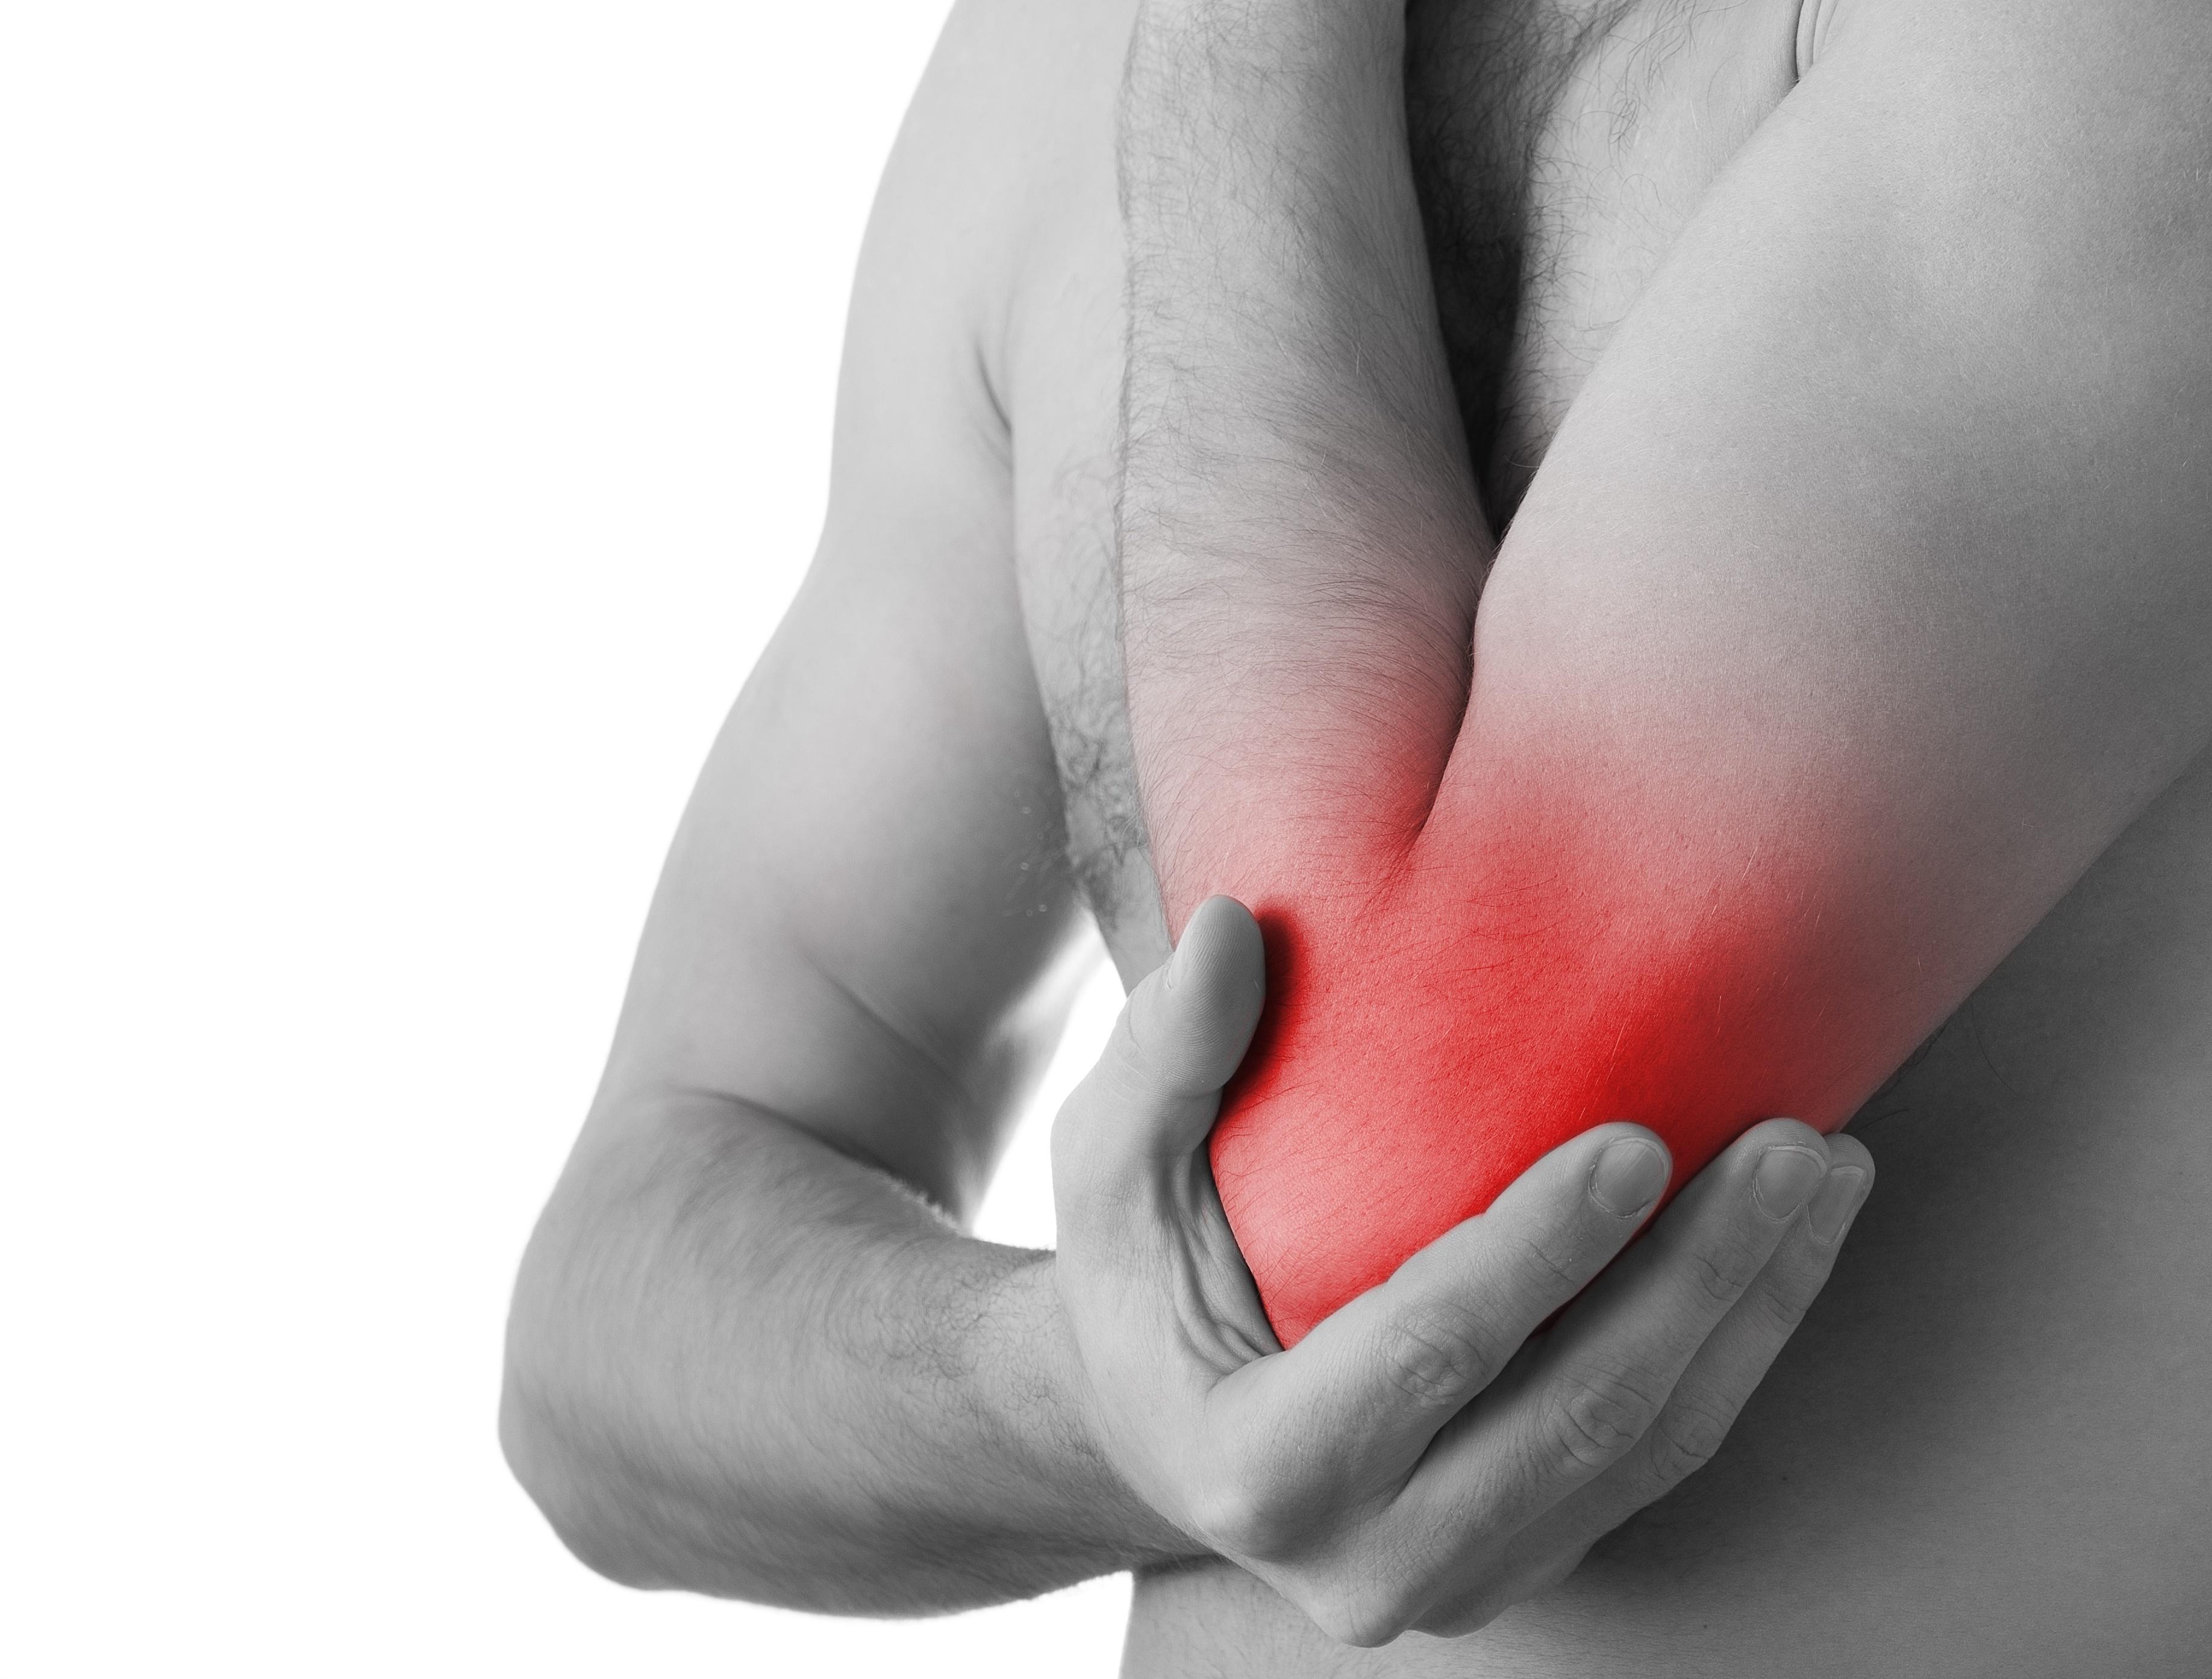 hogyan lehet enyhíteni a gyulladást a bokaízület artrózisával